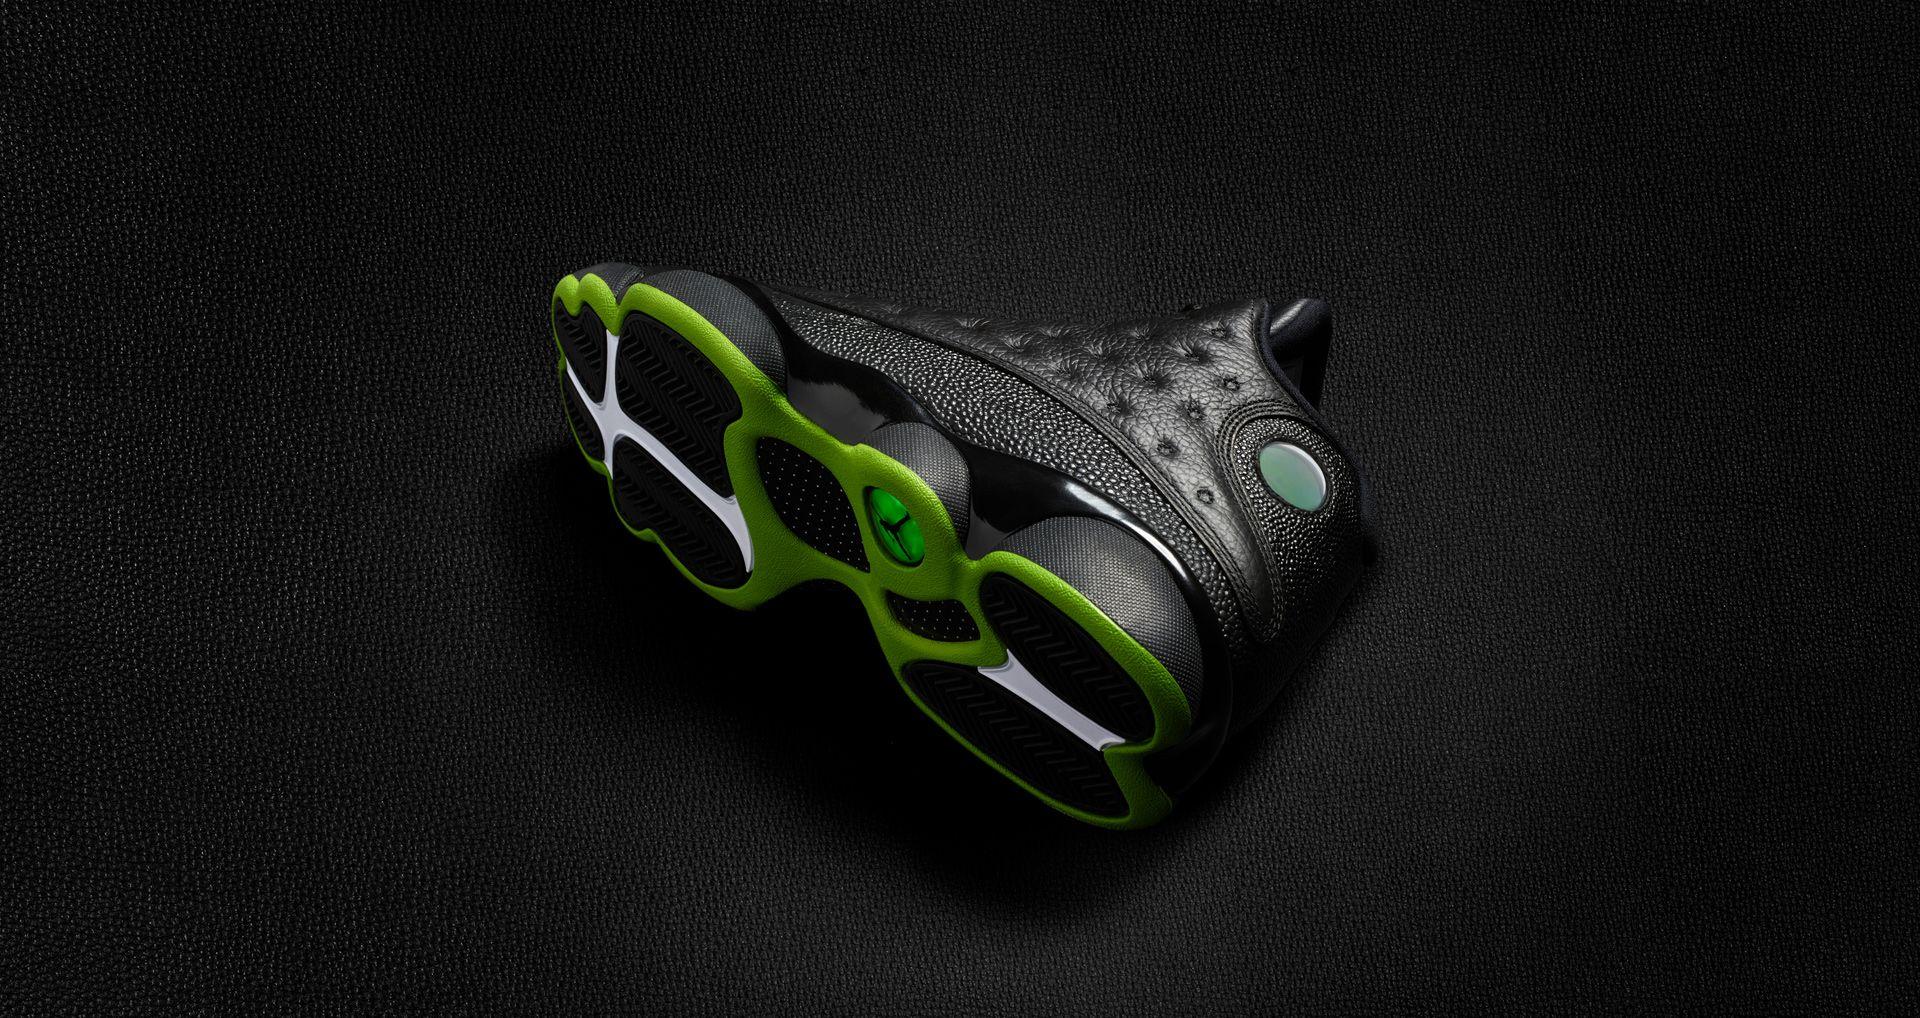 65c95ad0815 Air Jordan 13 'Black & Altitude Green' Release Date. Nike+ SNKRS